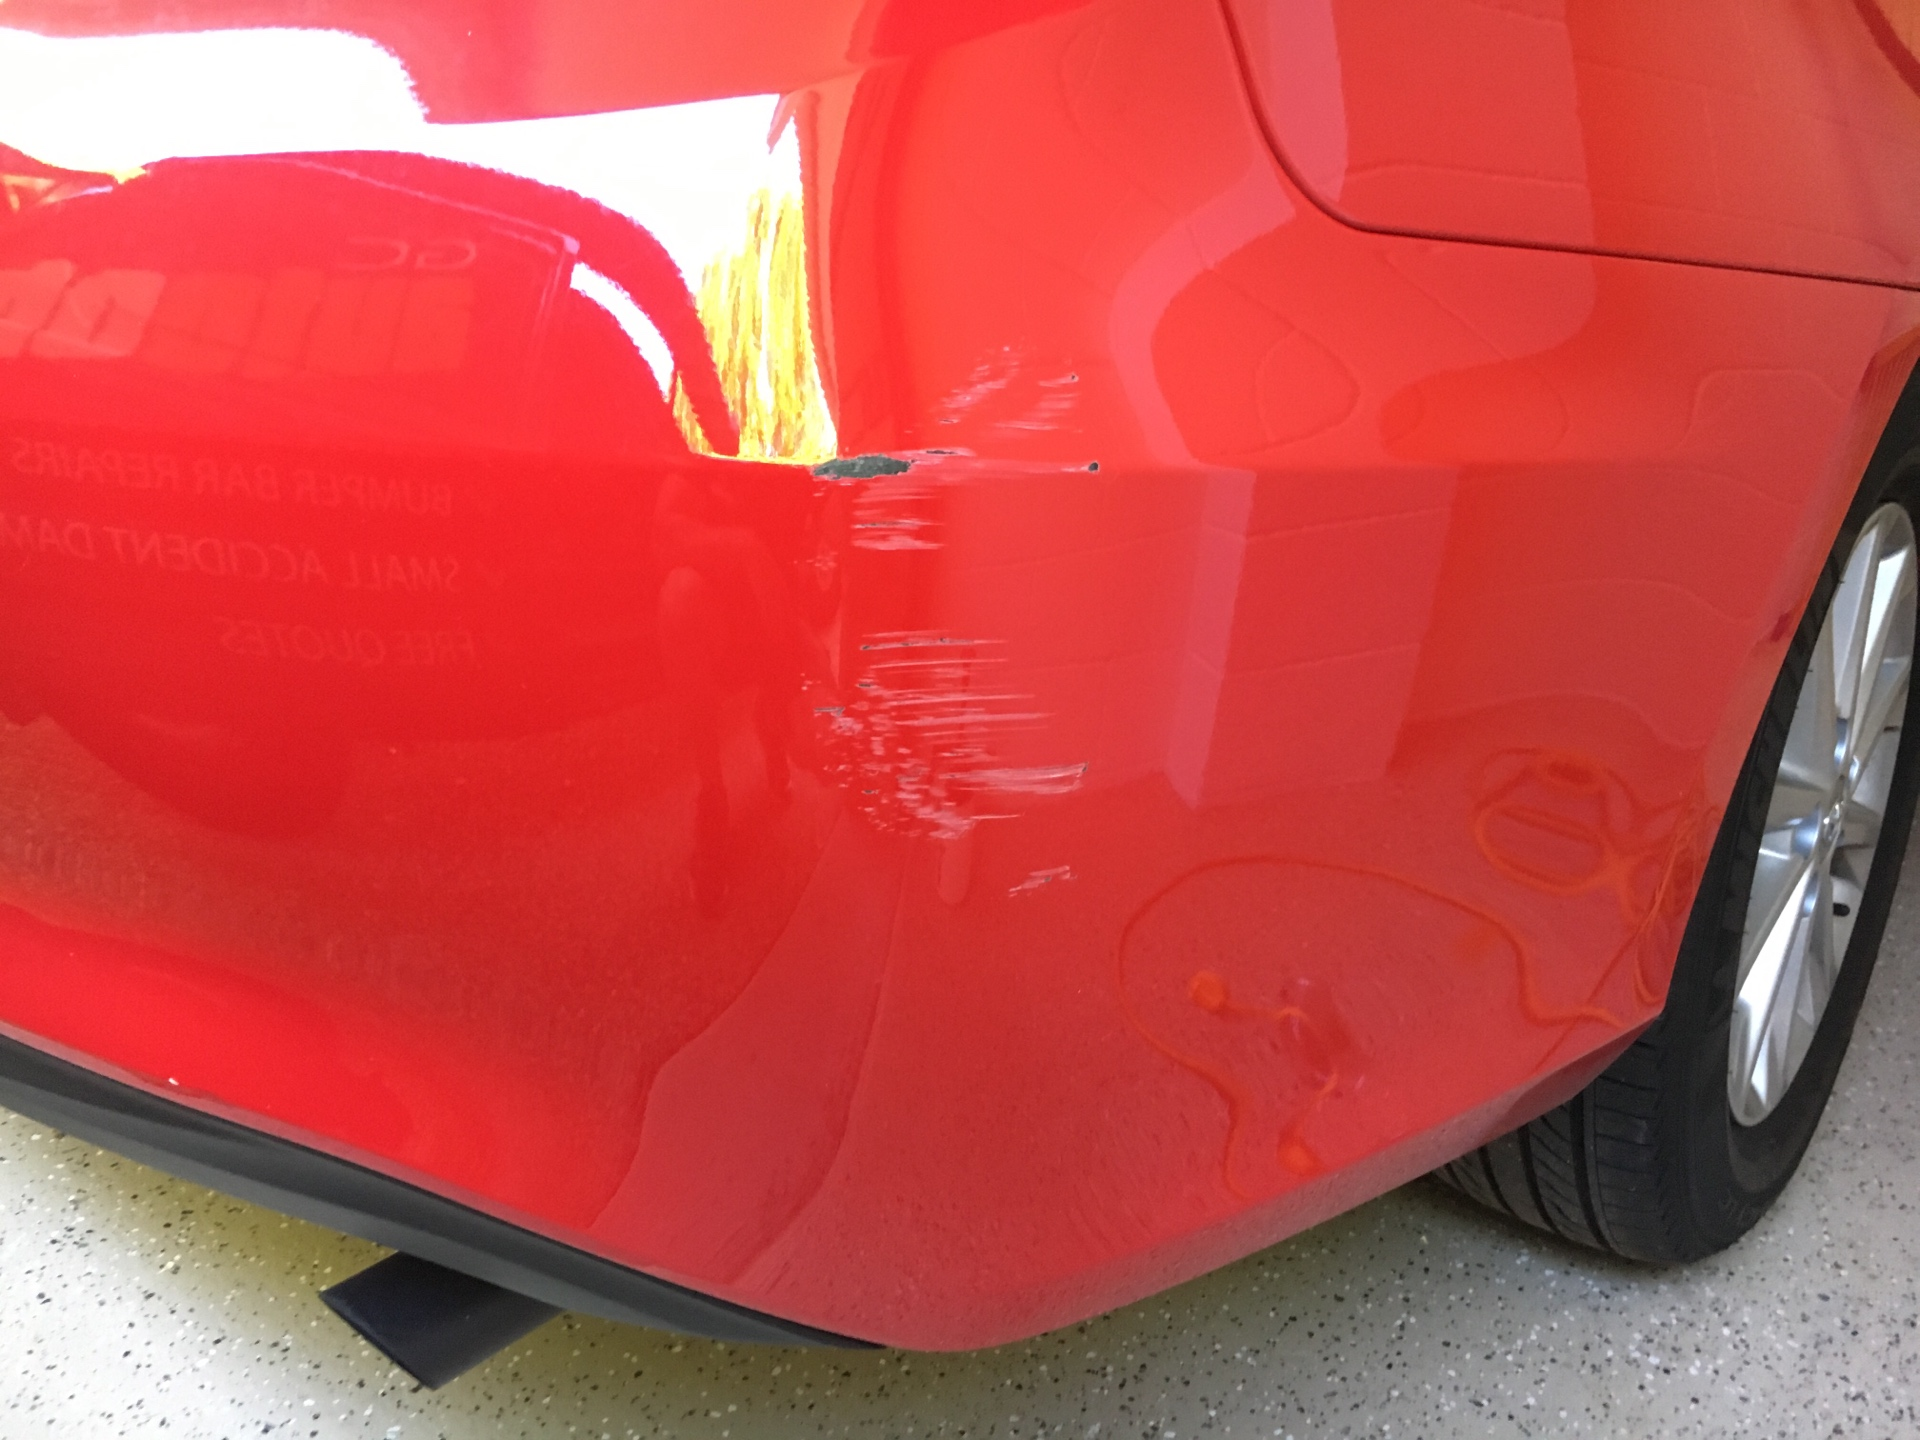 Camry bumper bar scratch repair